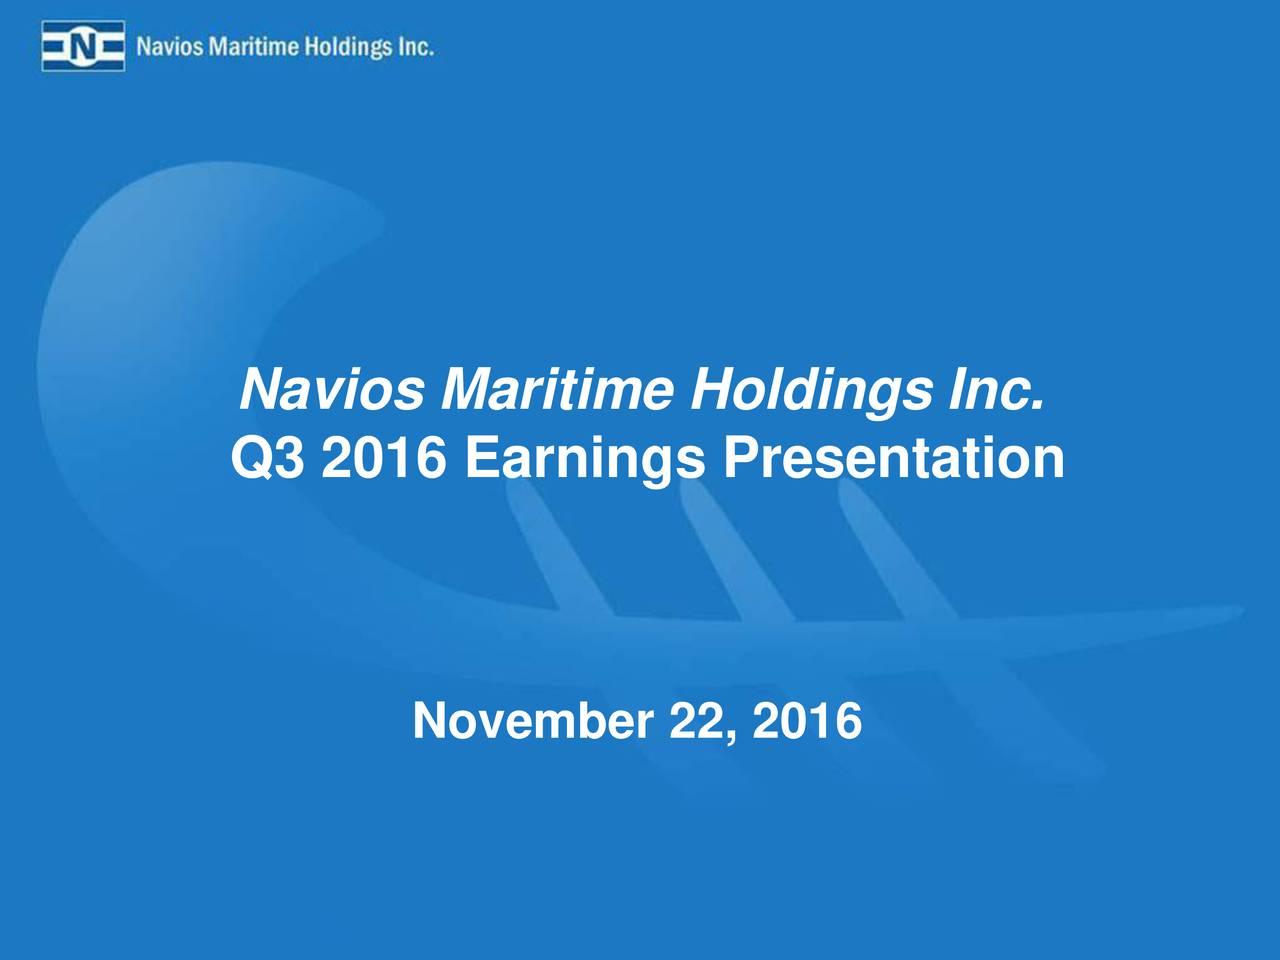 Q3 2016 Earnings Presentation November 22, 2016